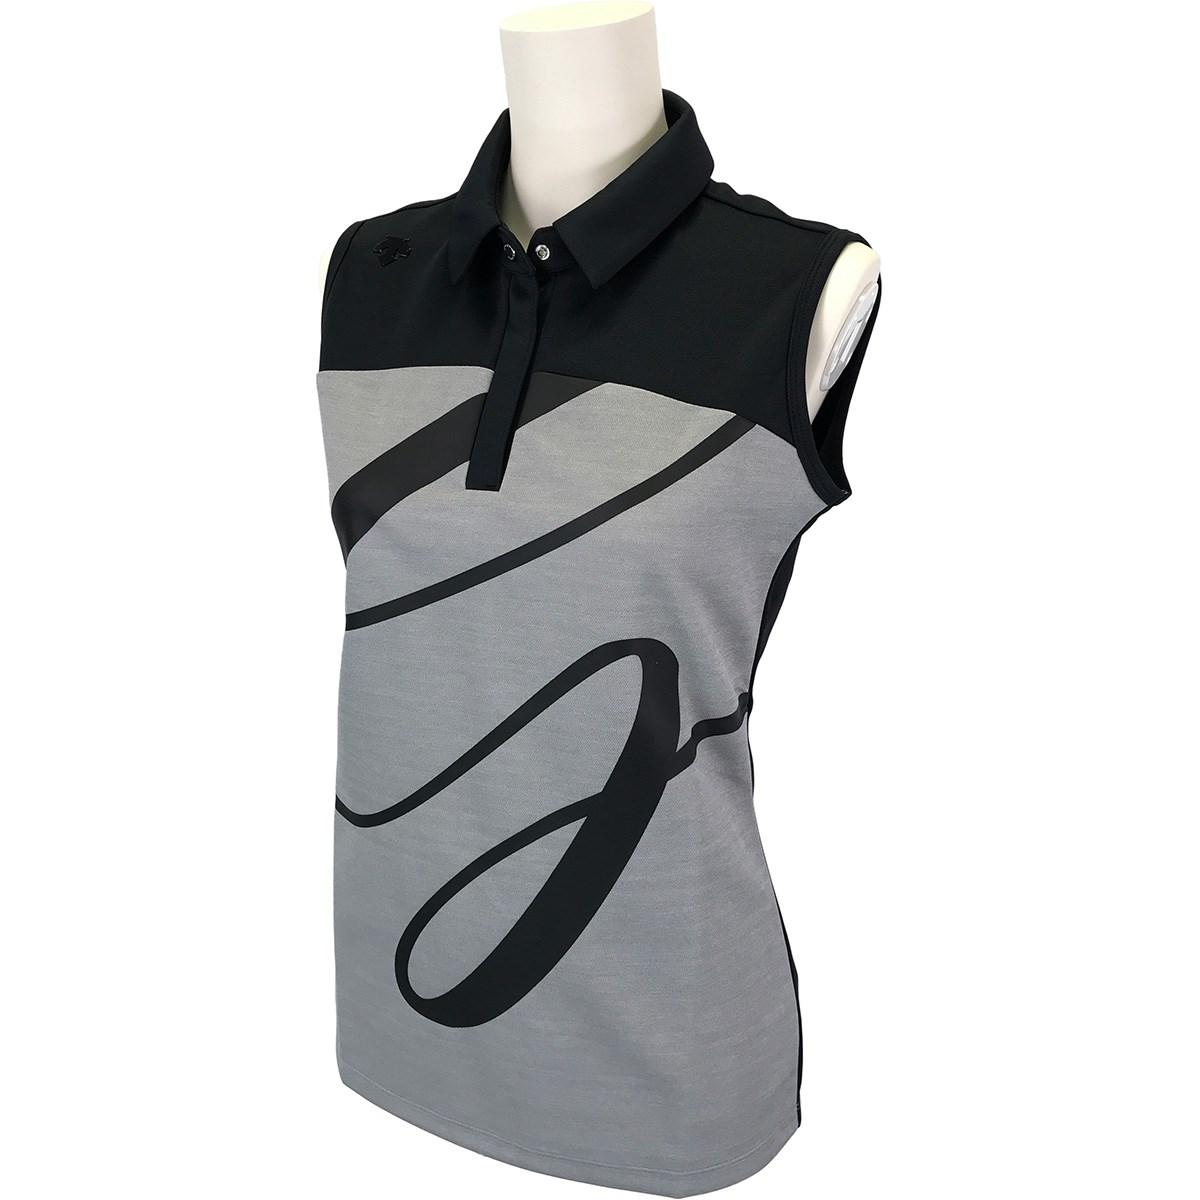 デサントゴルフ DESCENTE GOLF ウォーターブロック鹿の子 ECOスリーブレスポロシャツ S ブラック 00 レディス